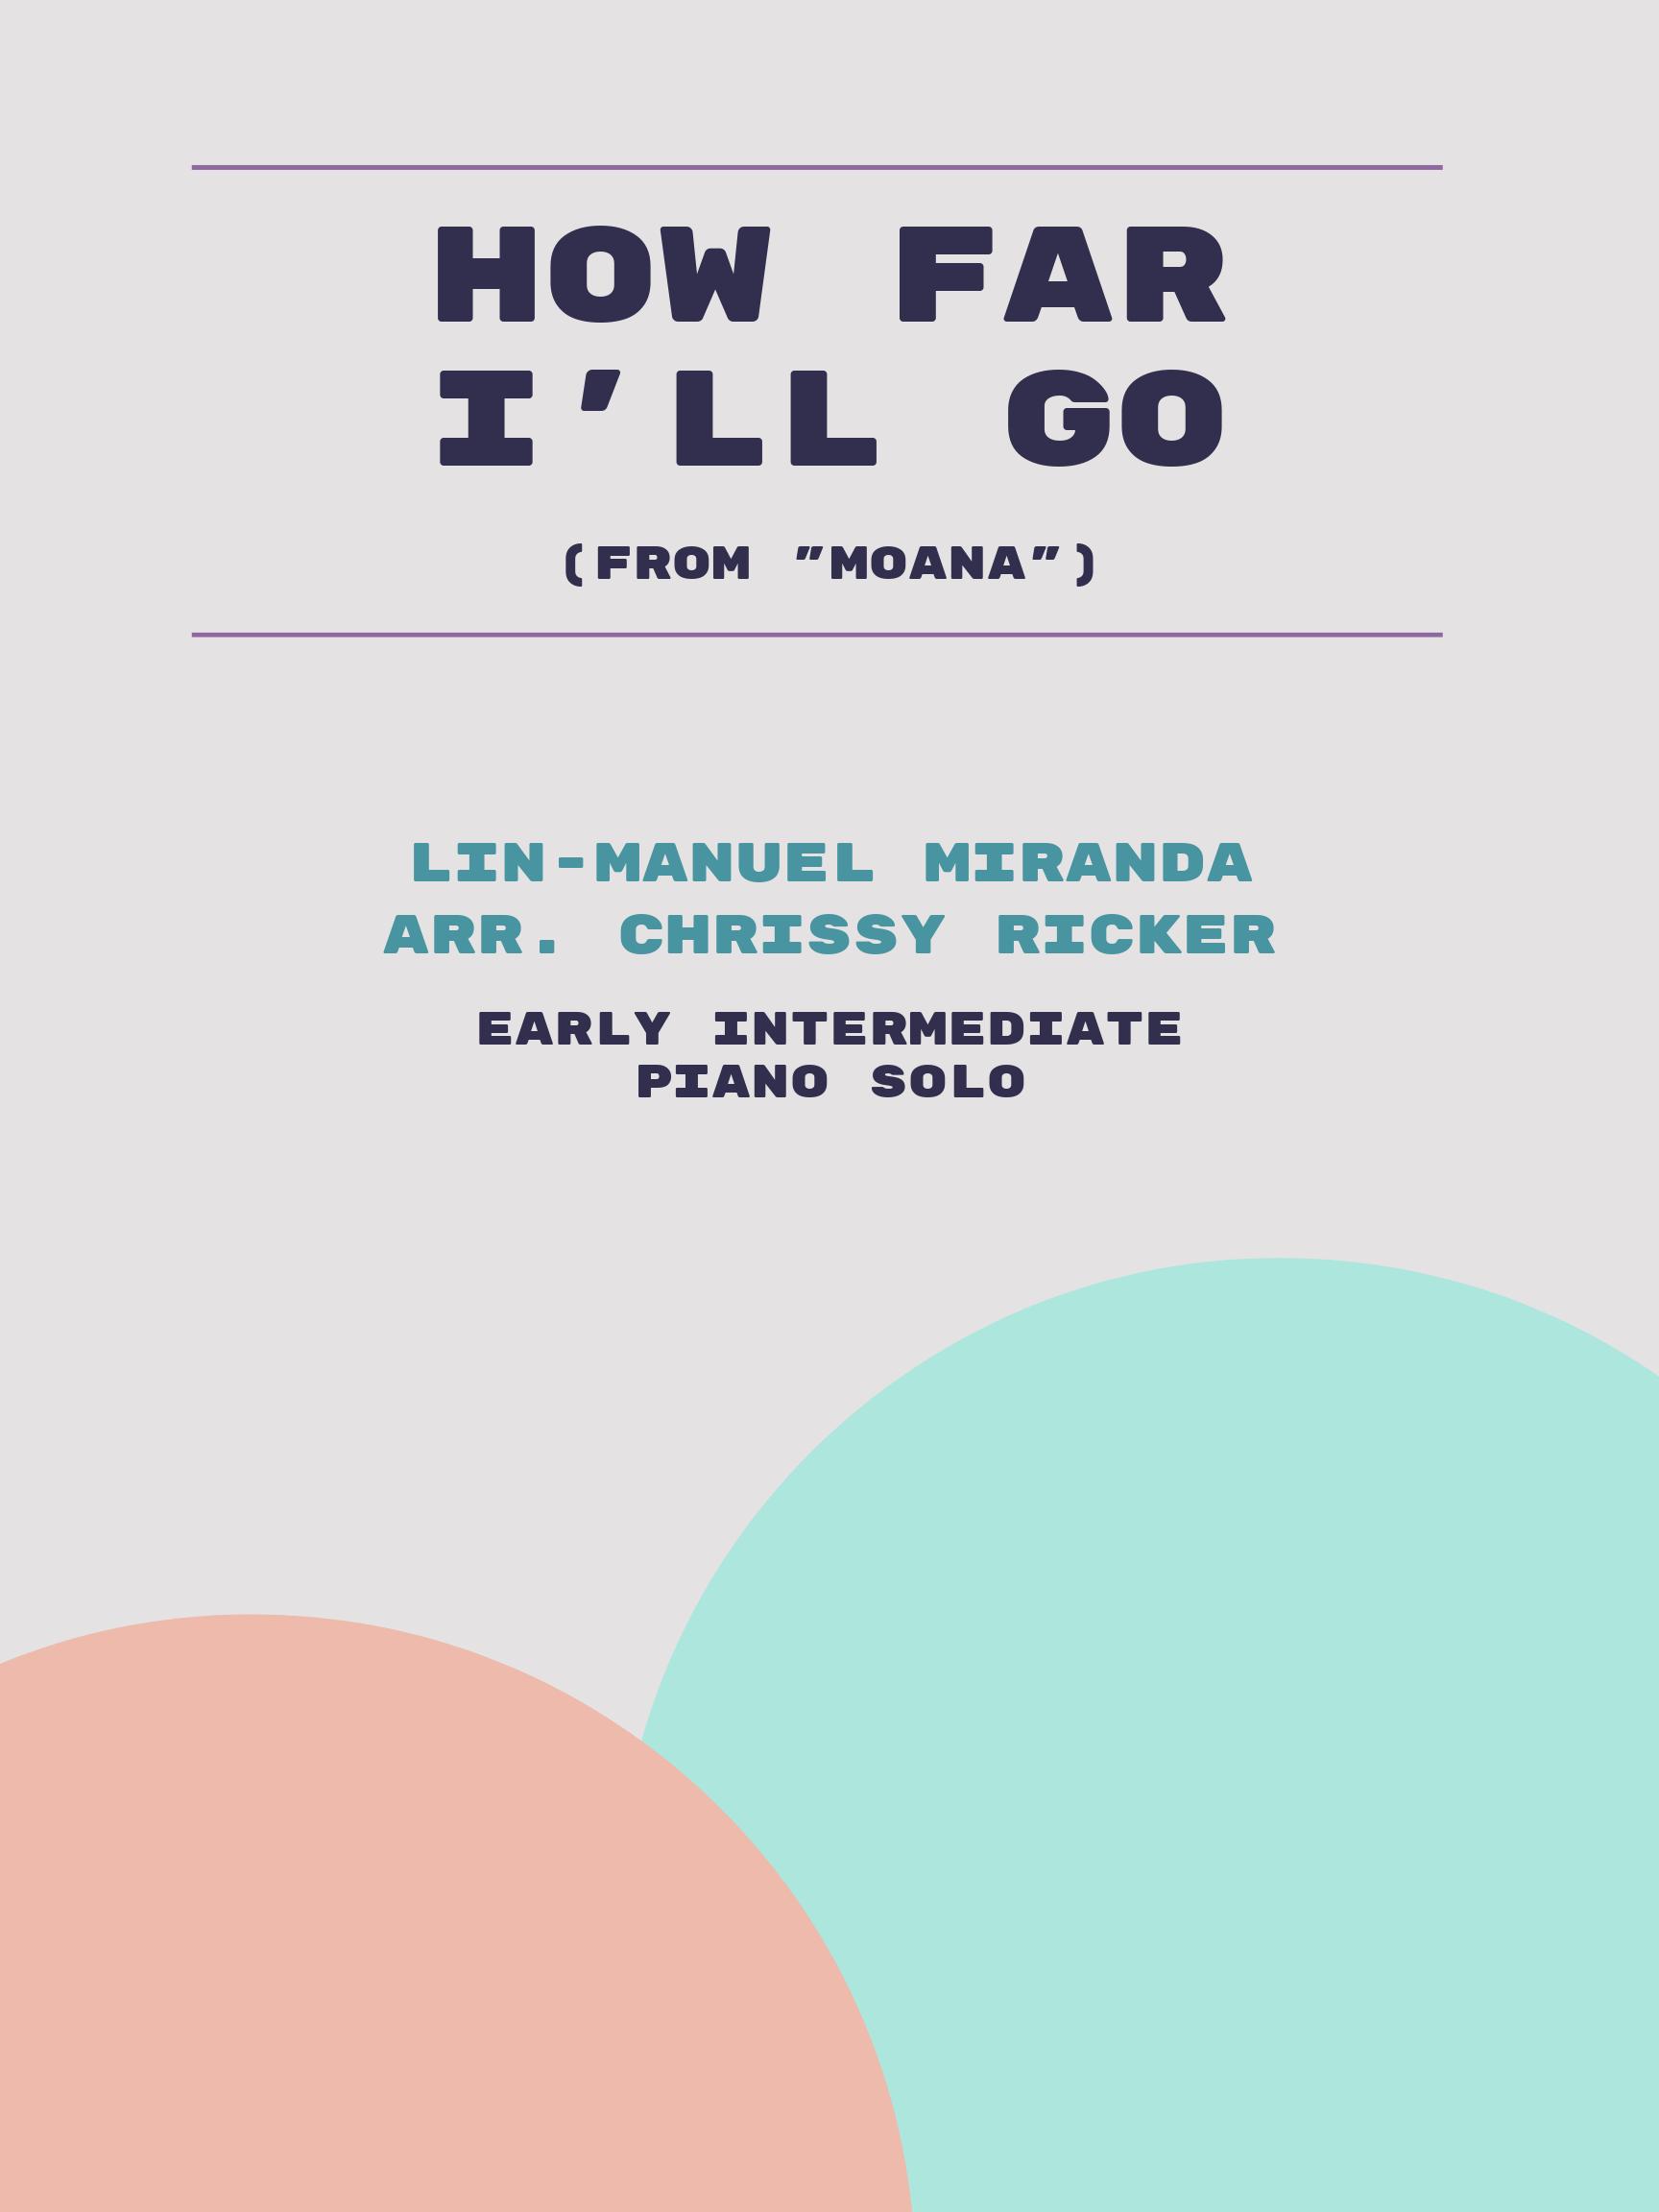 How Far I'll Go by Lin-Manuel Miranda